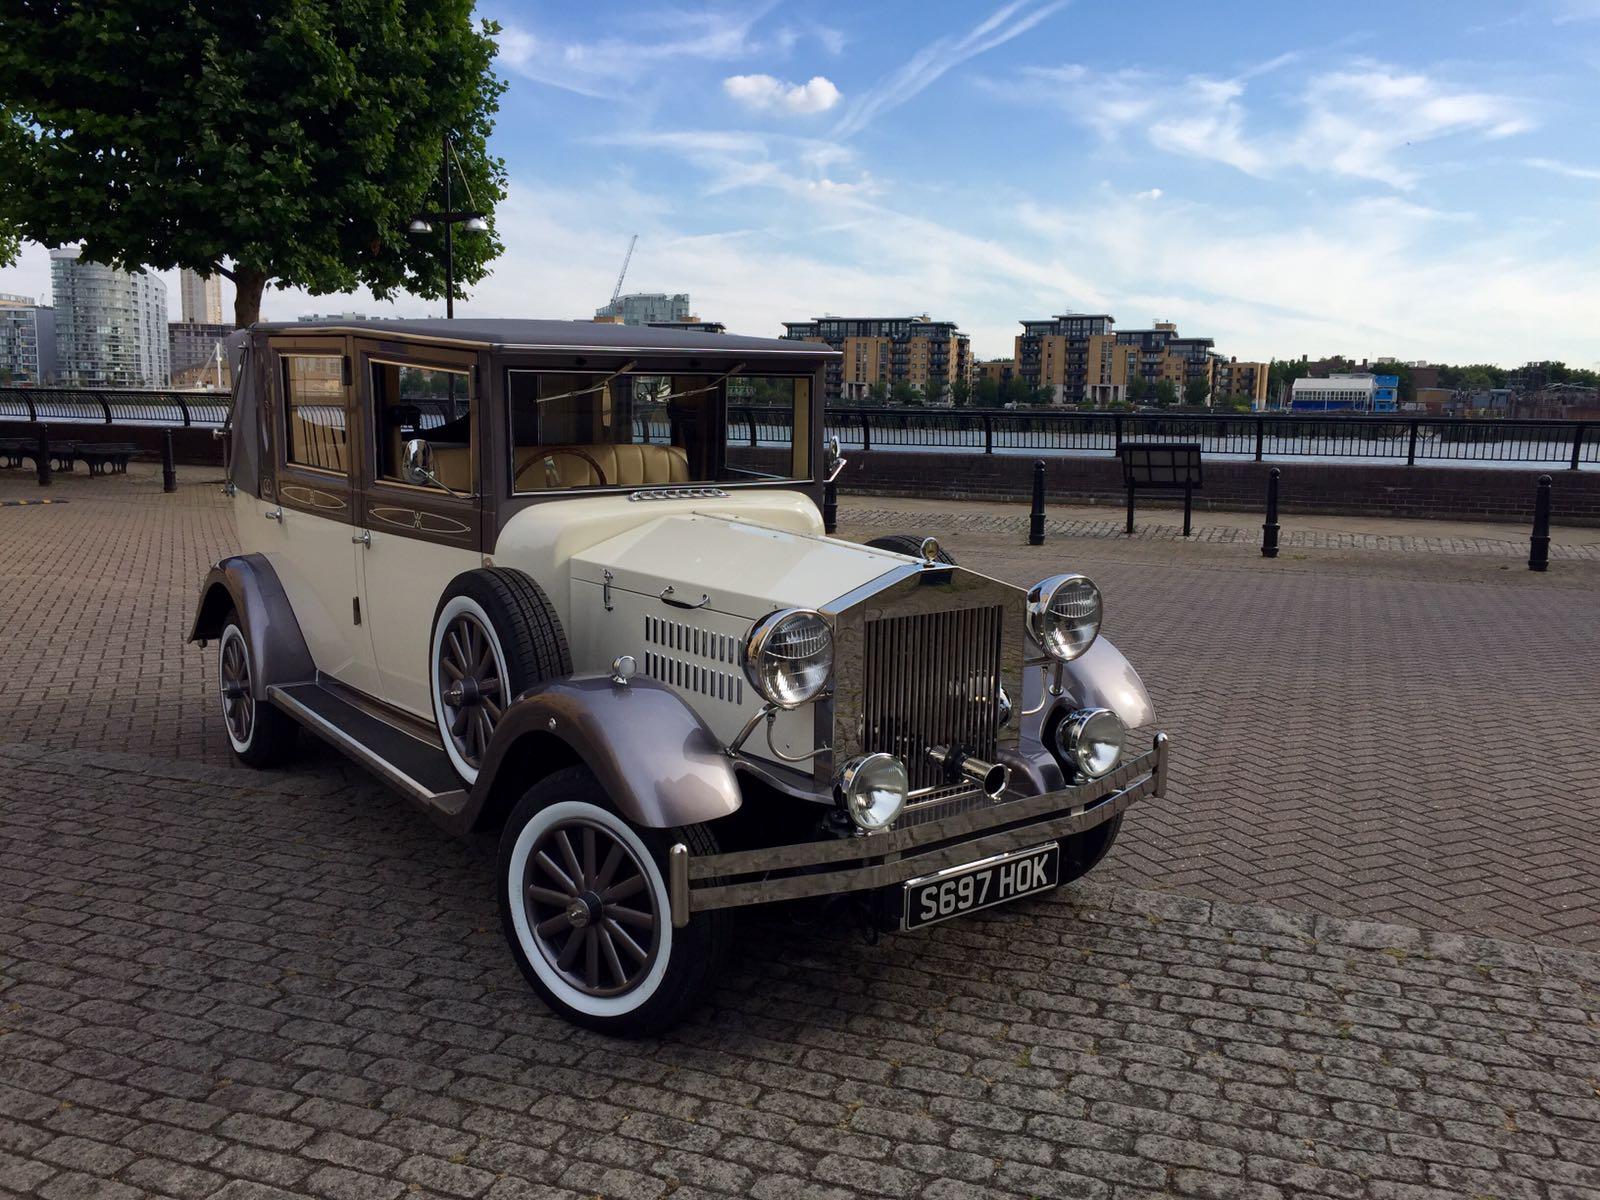 Classic Wedding Car Viscount Landaulette Vintage Limo Hire ...